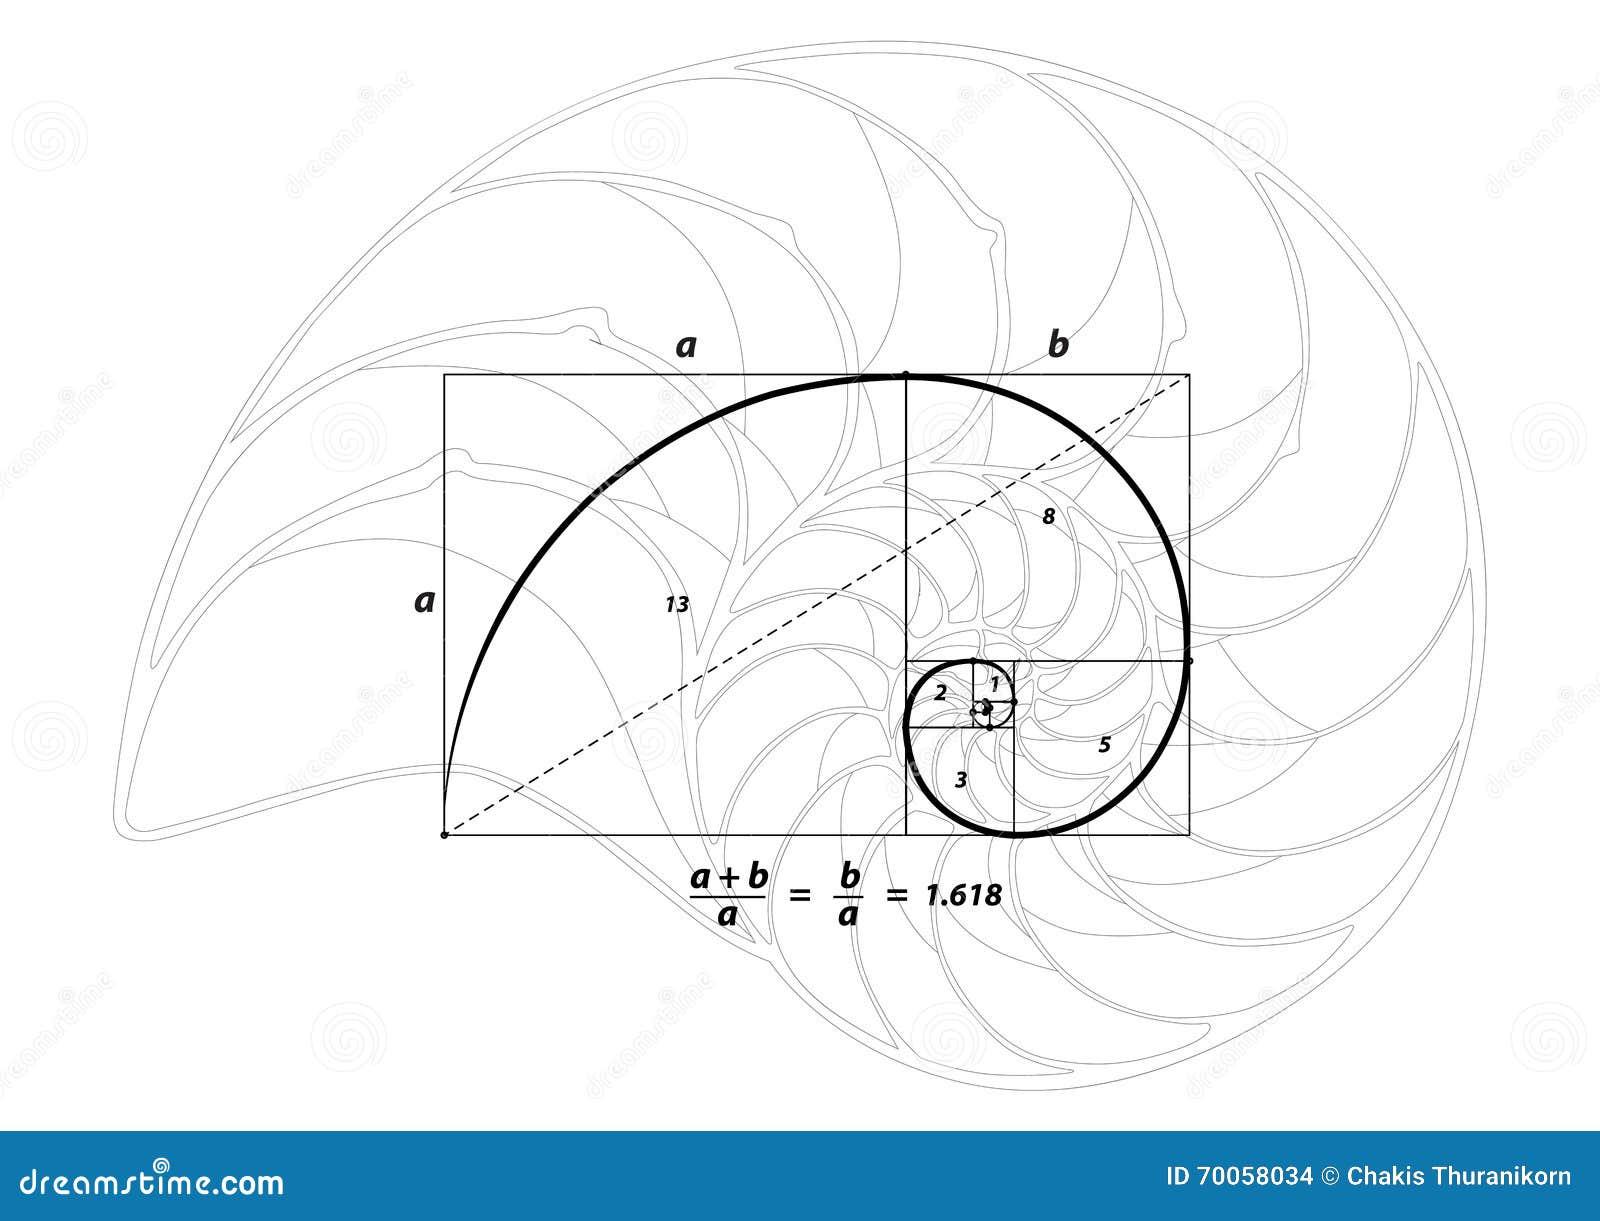 goldener schnitt und oberteil zeichnen auf wei vektor vektor abbildung bild 70058034. Black Bedroom Furniture Sets. Home Design Ideas